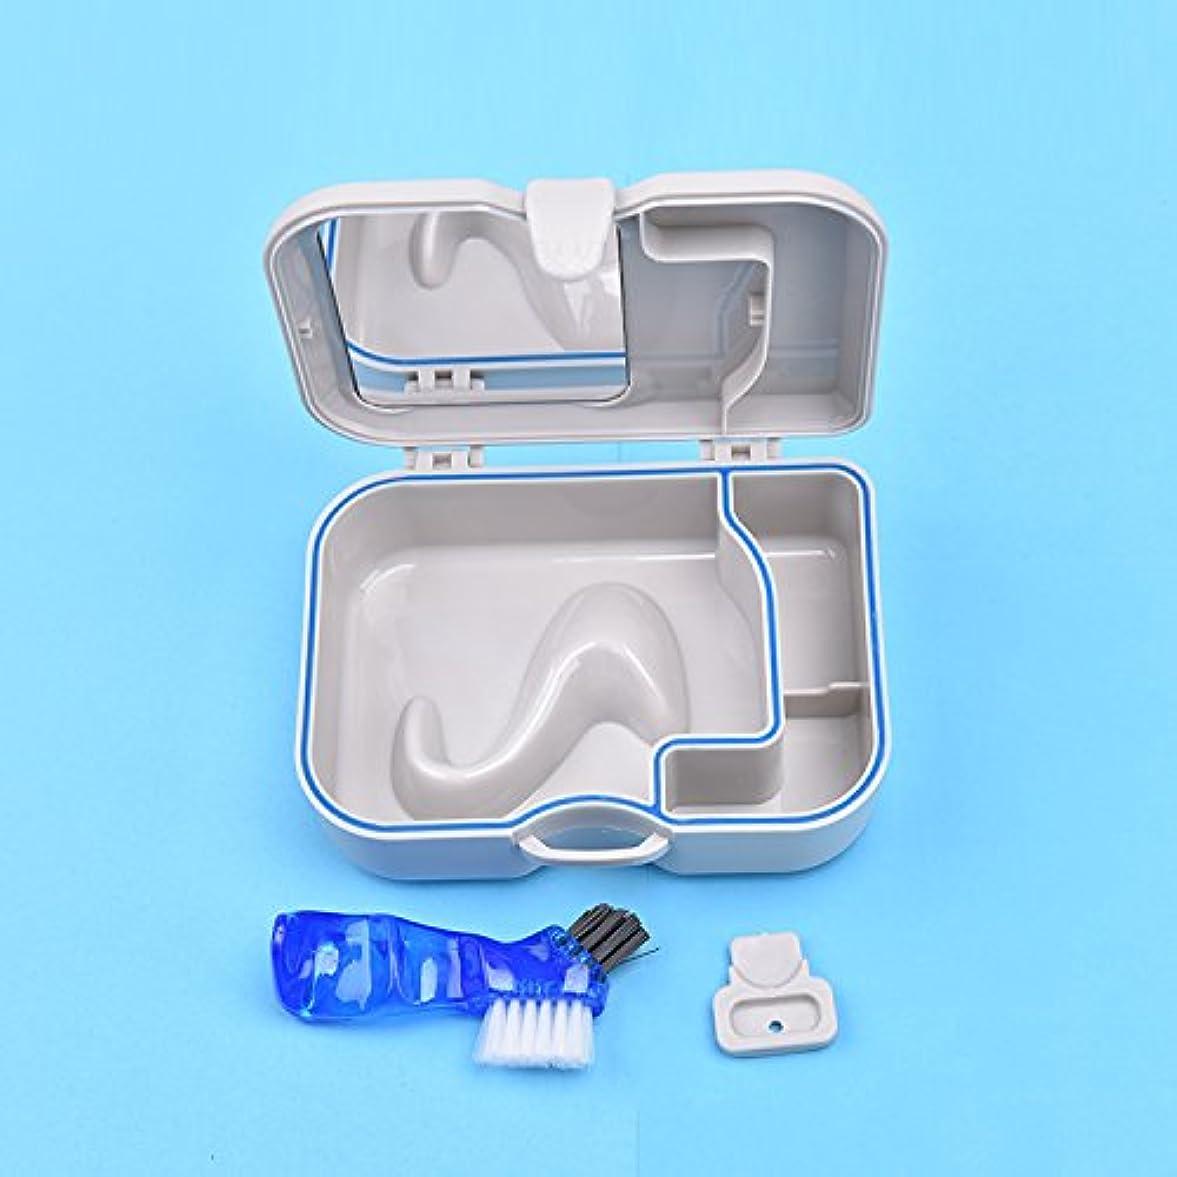 現代スリムオープニング入れ歯ケース セット 鏡とブラシ付き義歯ケース Annhua